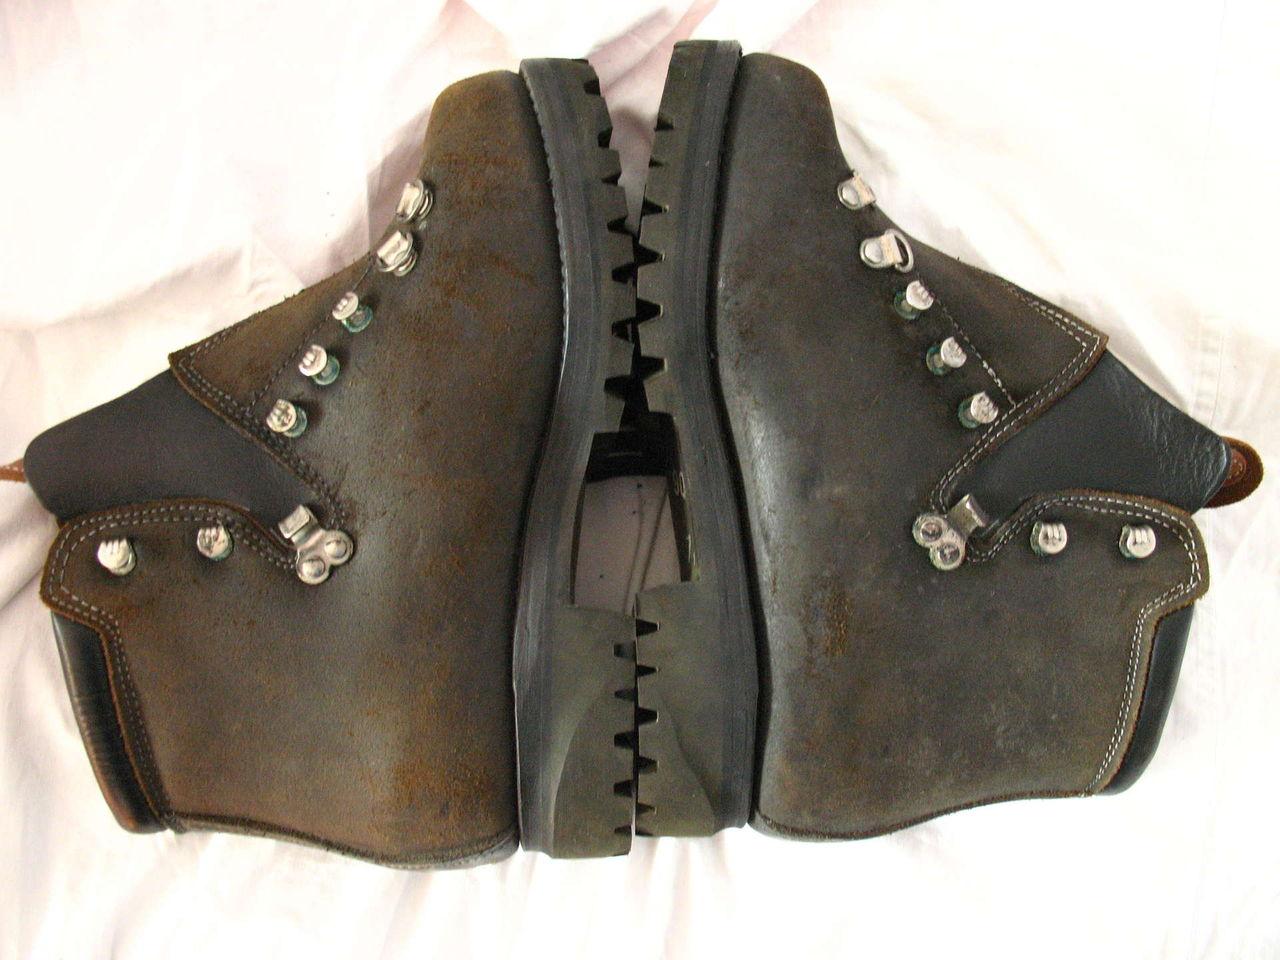 Продам ботинки горные (Швейцария) новые • Популярное оружие